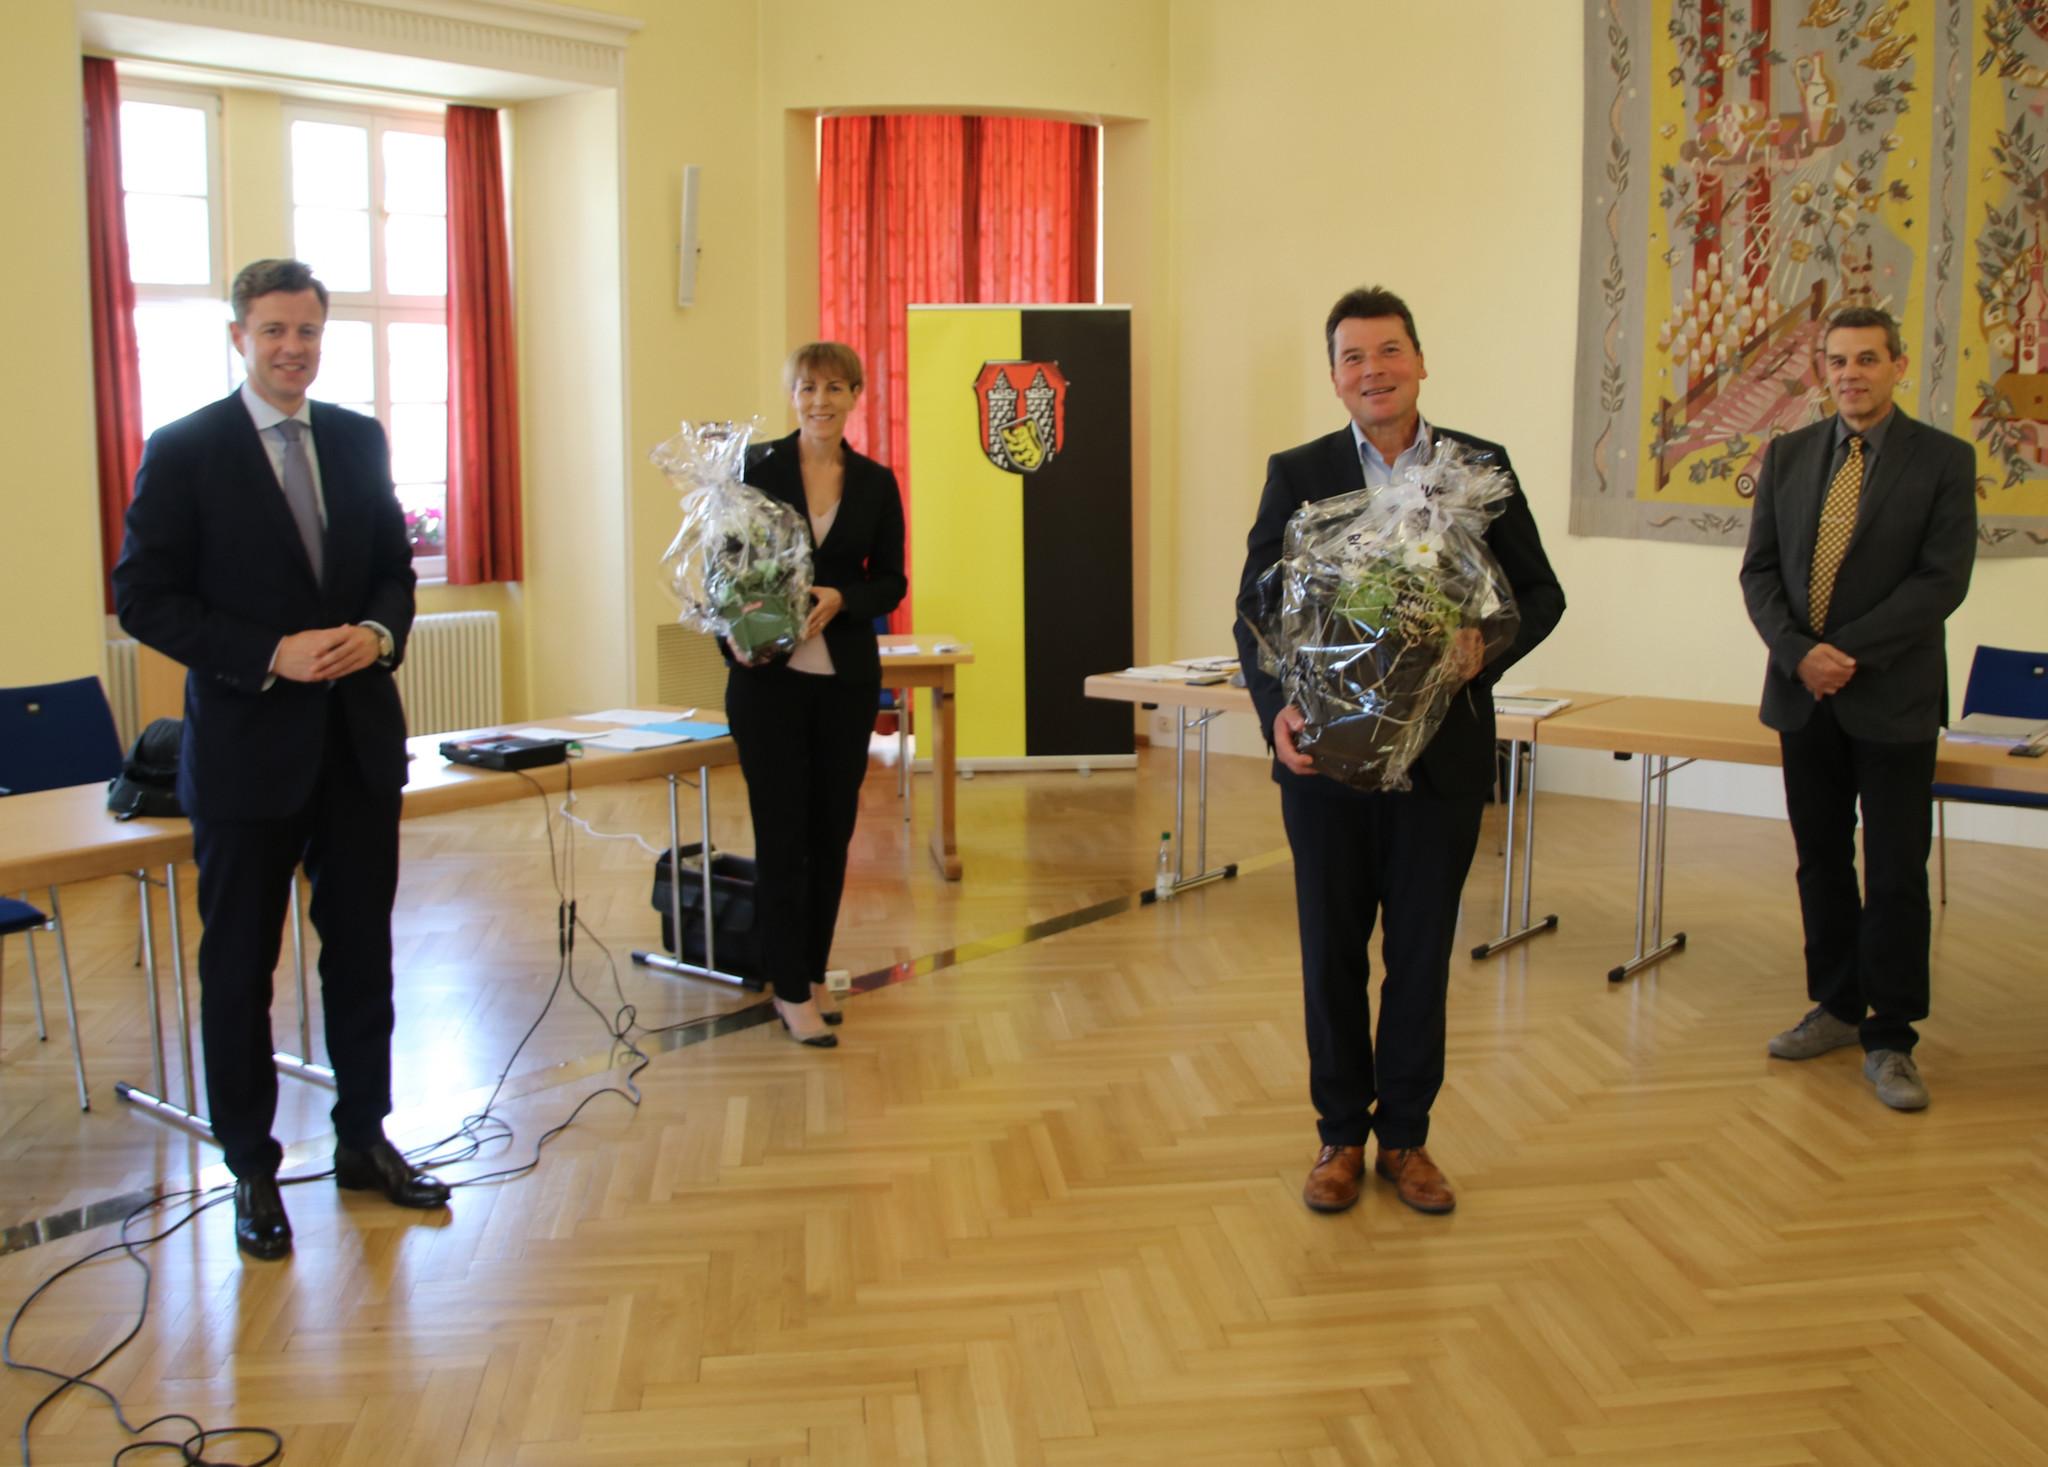 Im Bild von links nach rechts: Landrat und AZV-Verbandsvorsitzender Dr. Oliver Bär, Oberbürgermeisterin und neue stellvertretende AZV-Verbandsvorsitzende Eva Döhla, Dr. Harald Fichtner und AZV-Geschäftsführer Herbert Pachsteffl